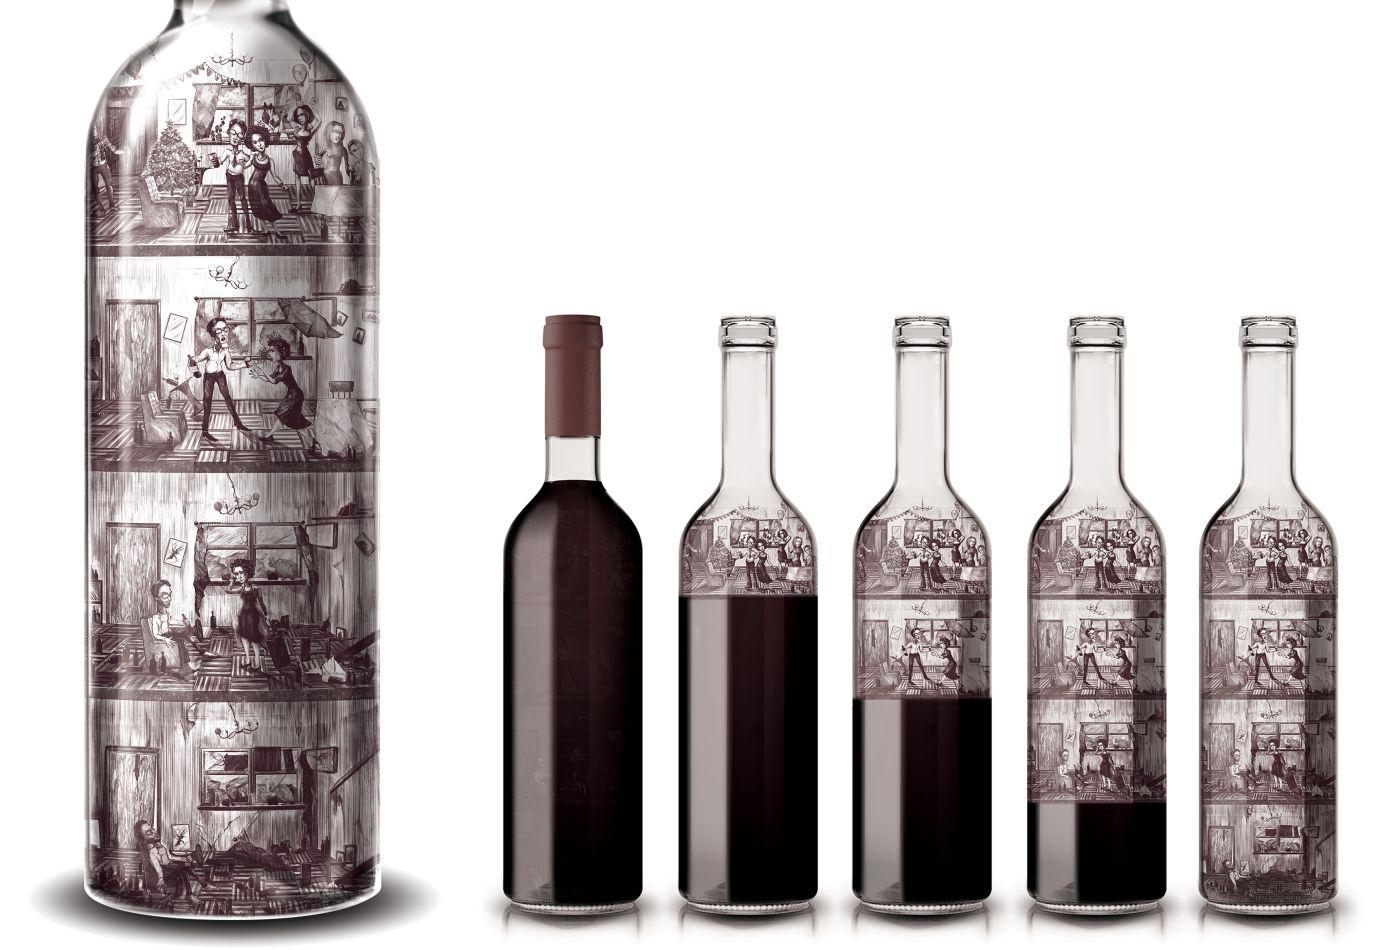 Malované láhve vína jako prevence proti alkoholu nejen za volantem